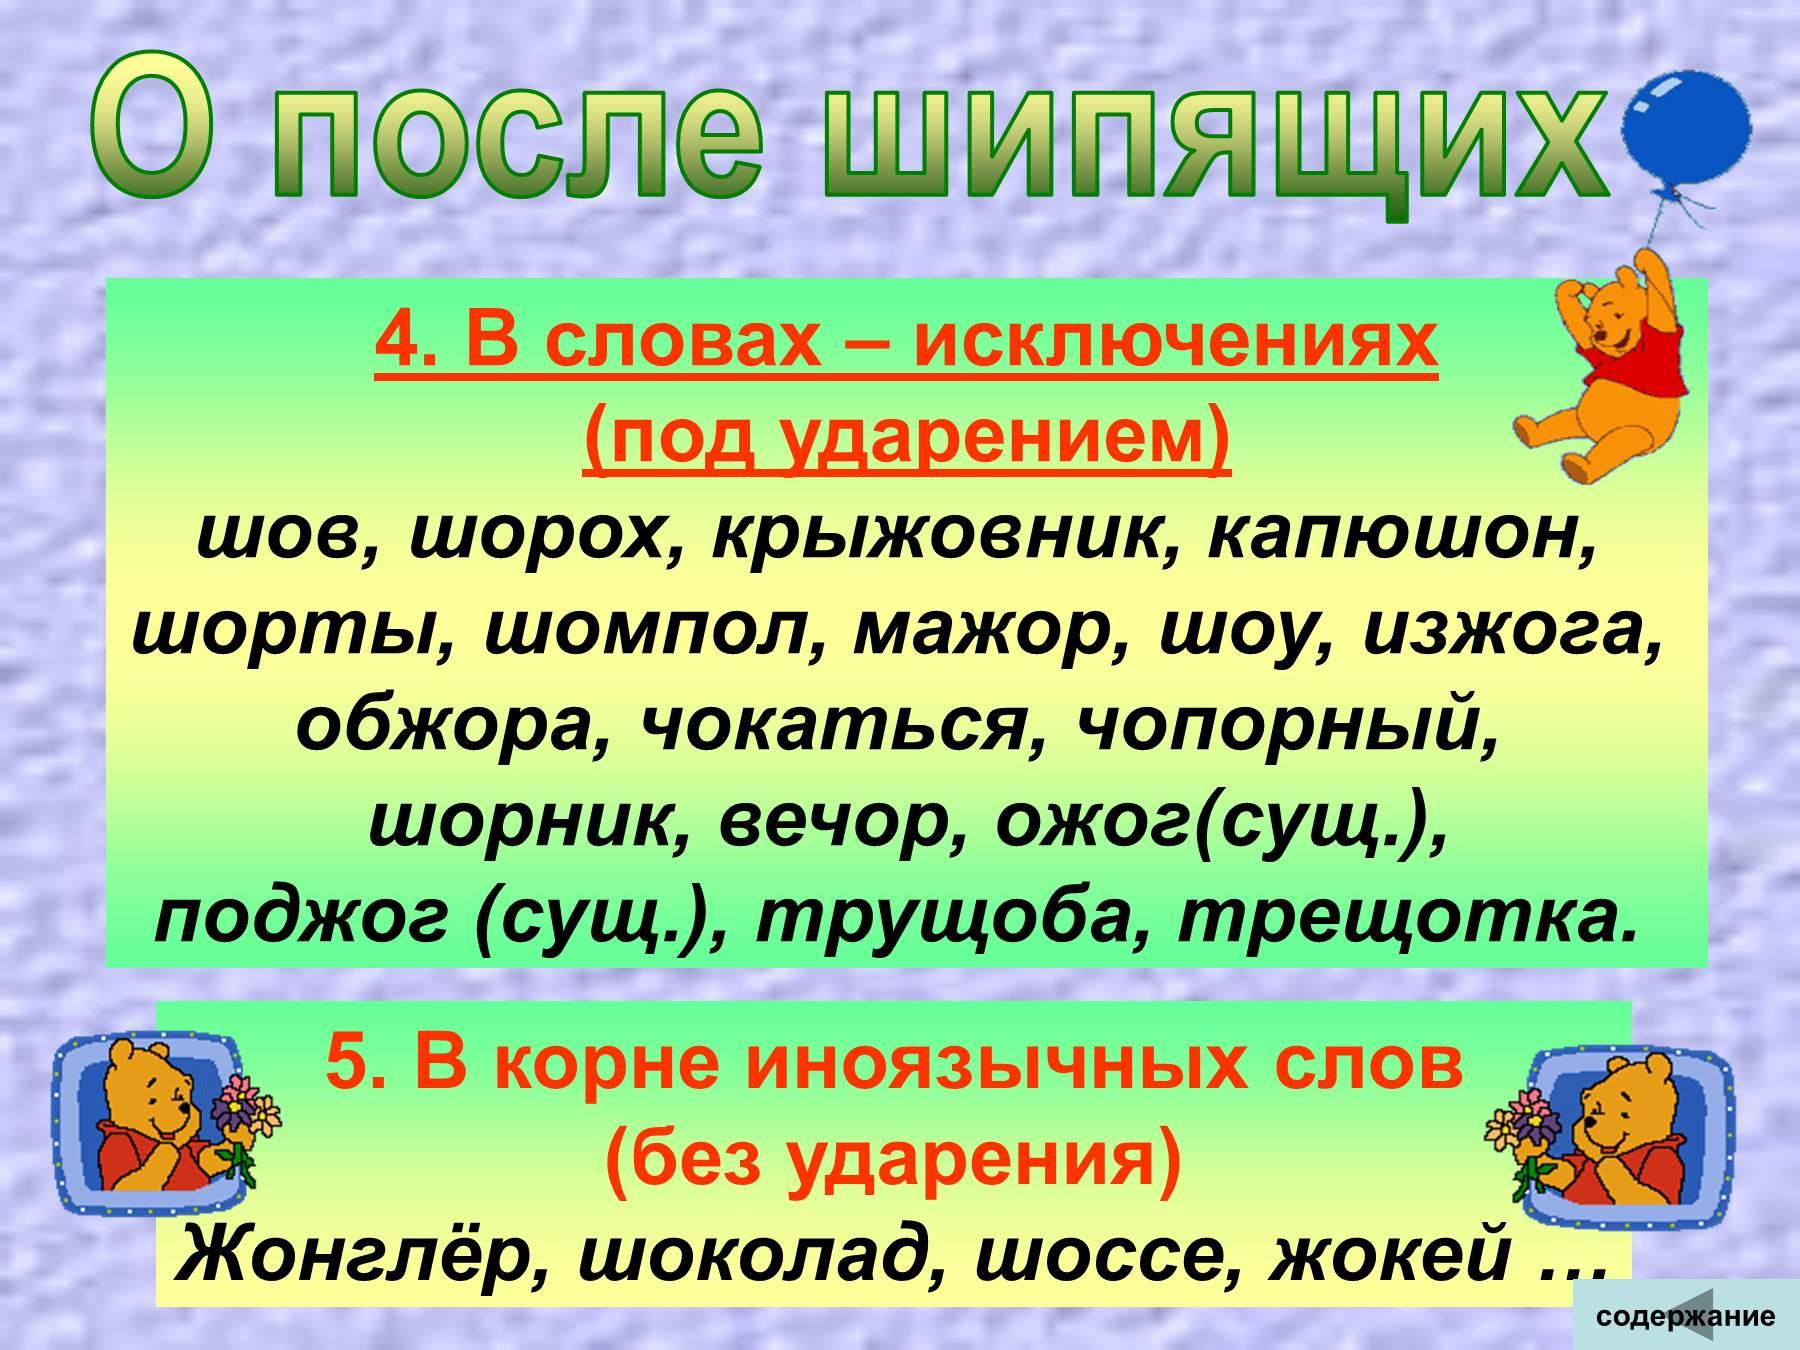 suchka-koren-slova